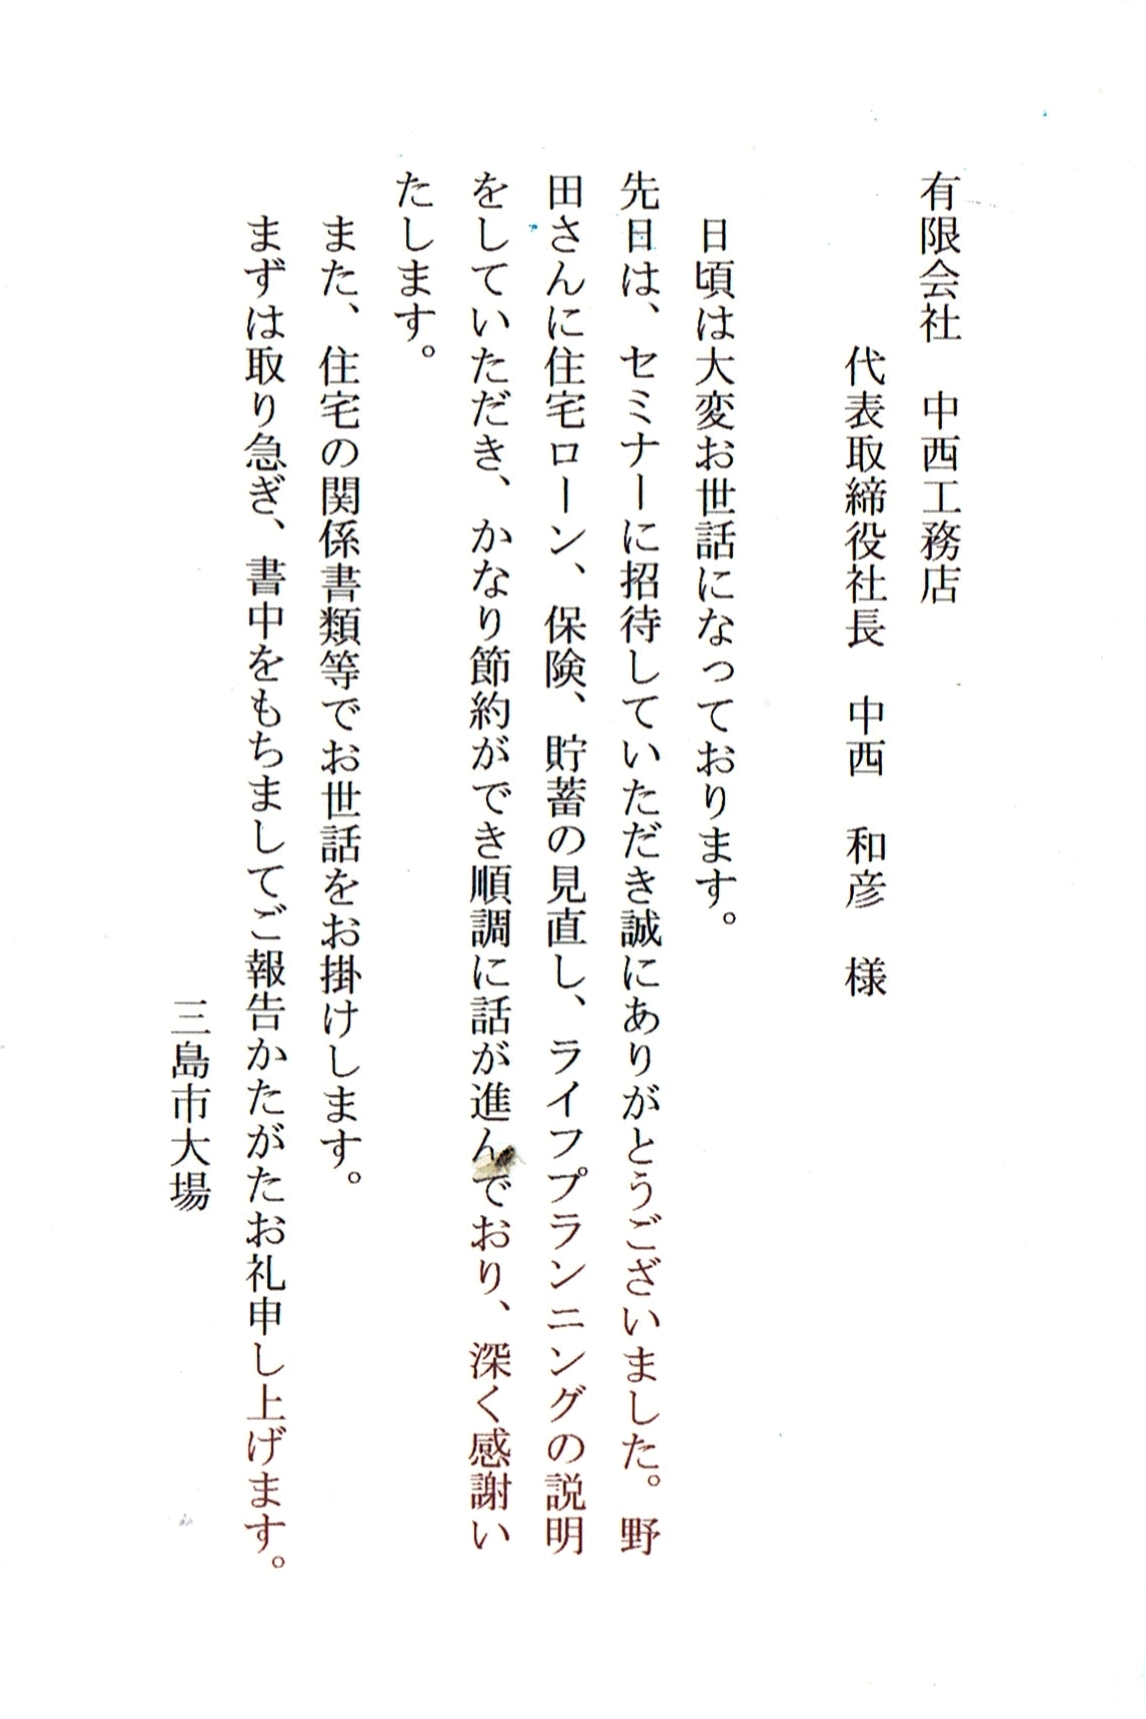 伊藤様からのお礼状.jpg